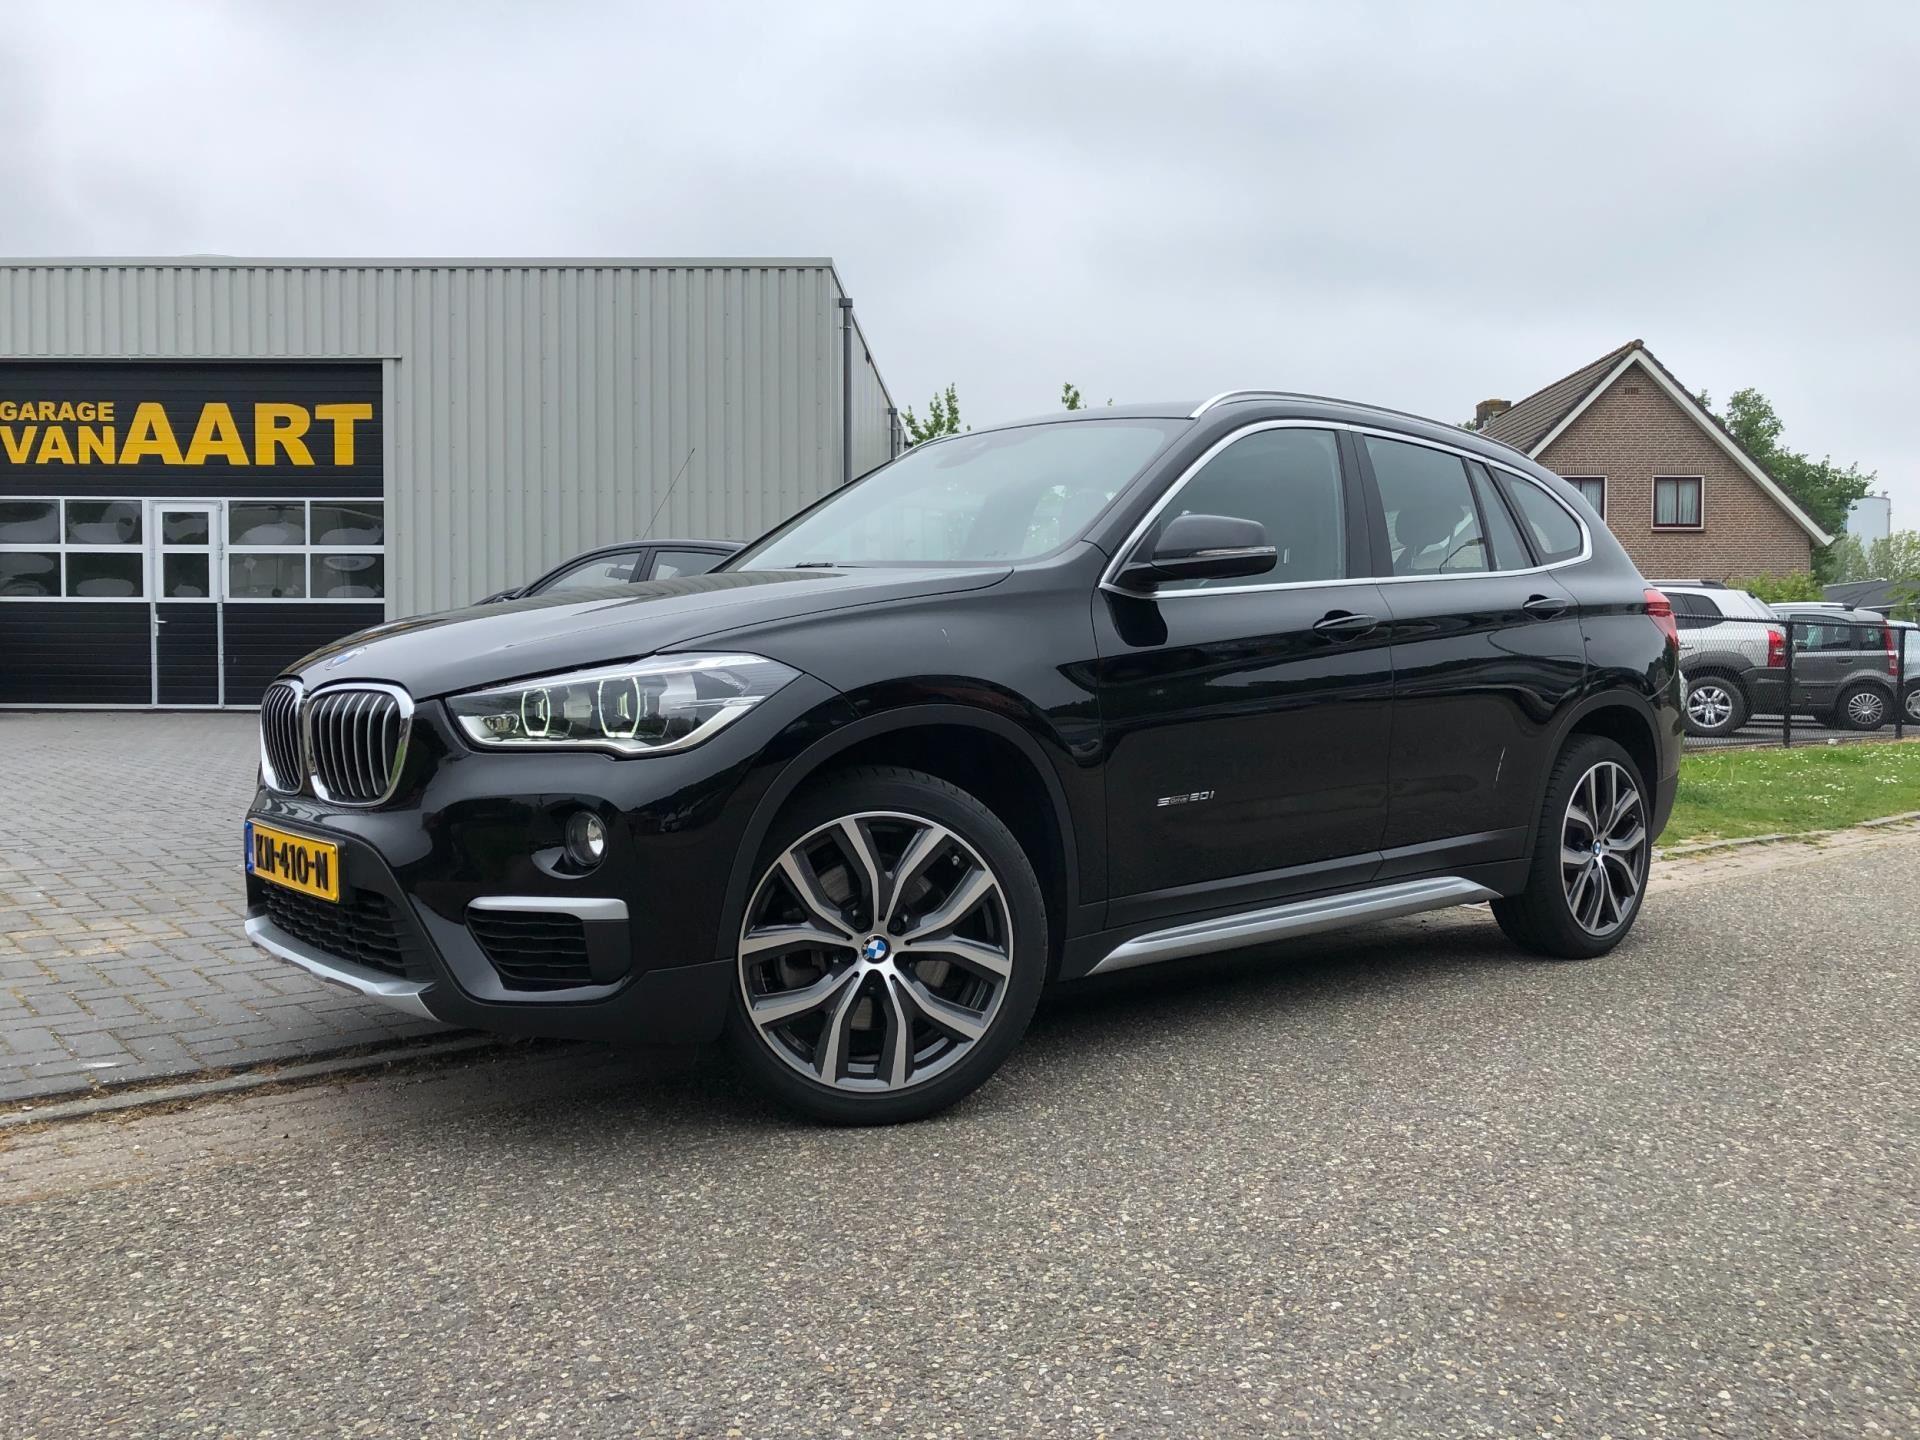 BMW X1 occasion - Garage van Aart